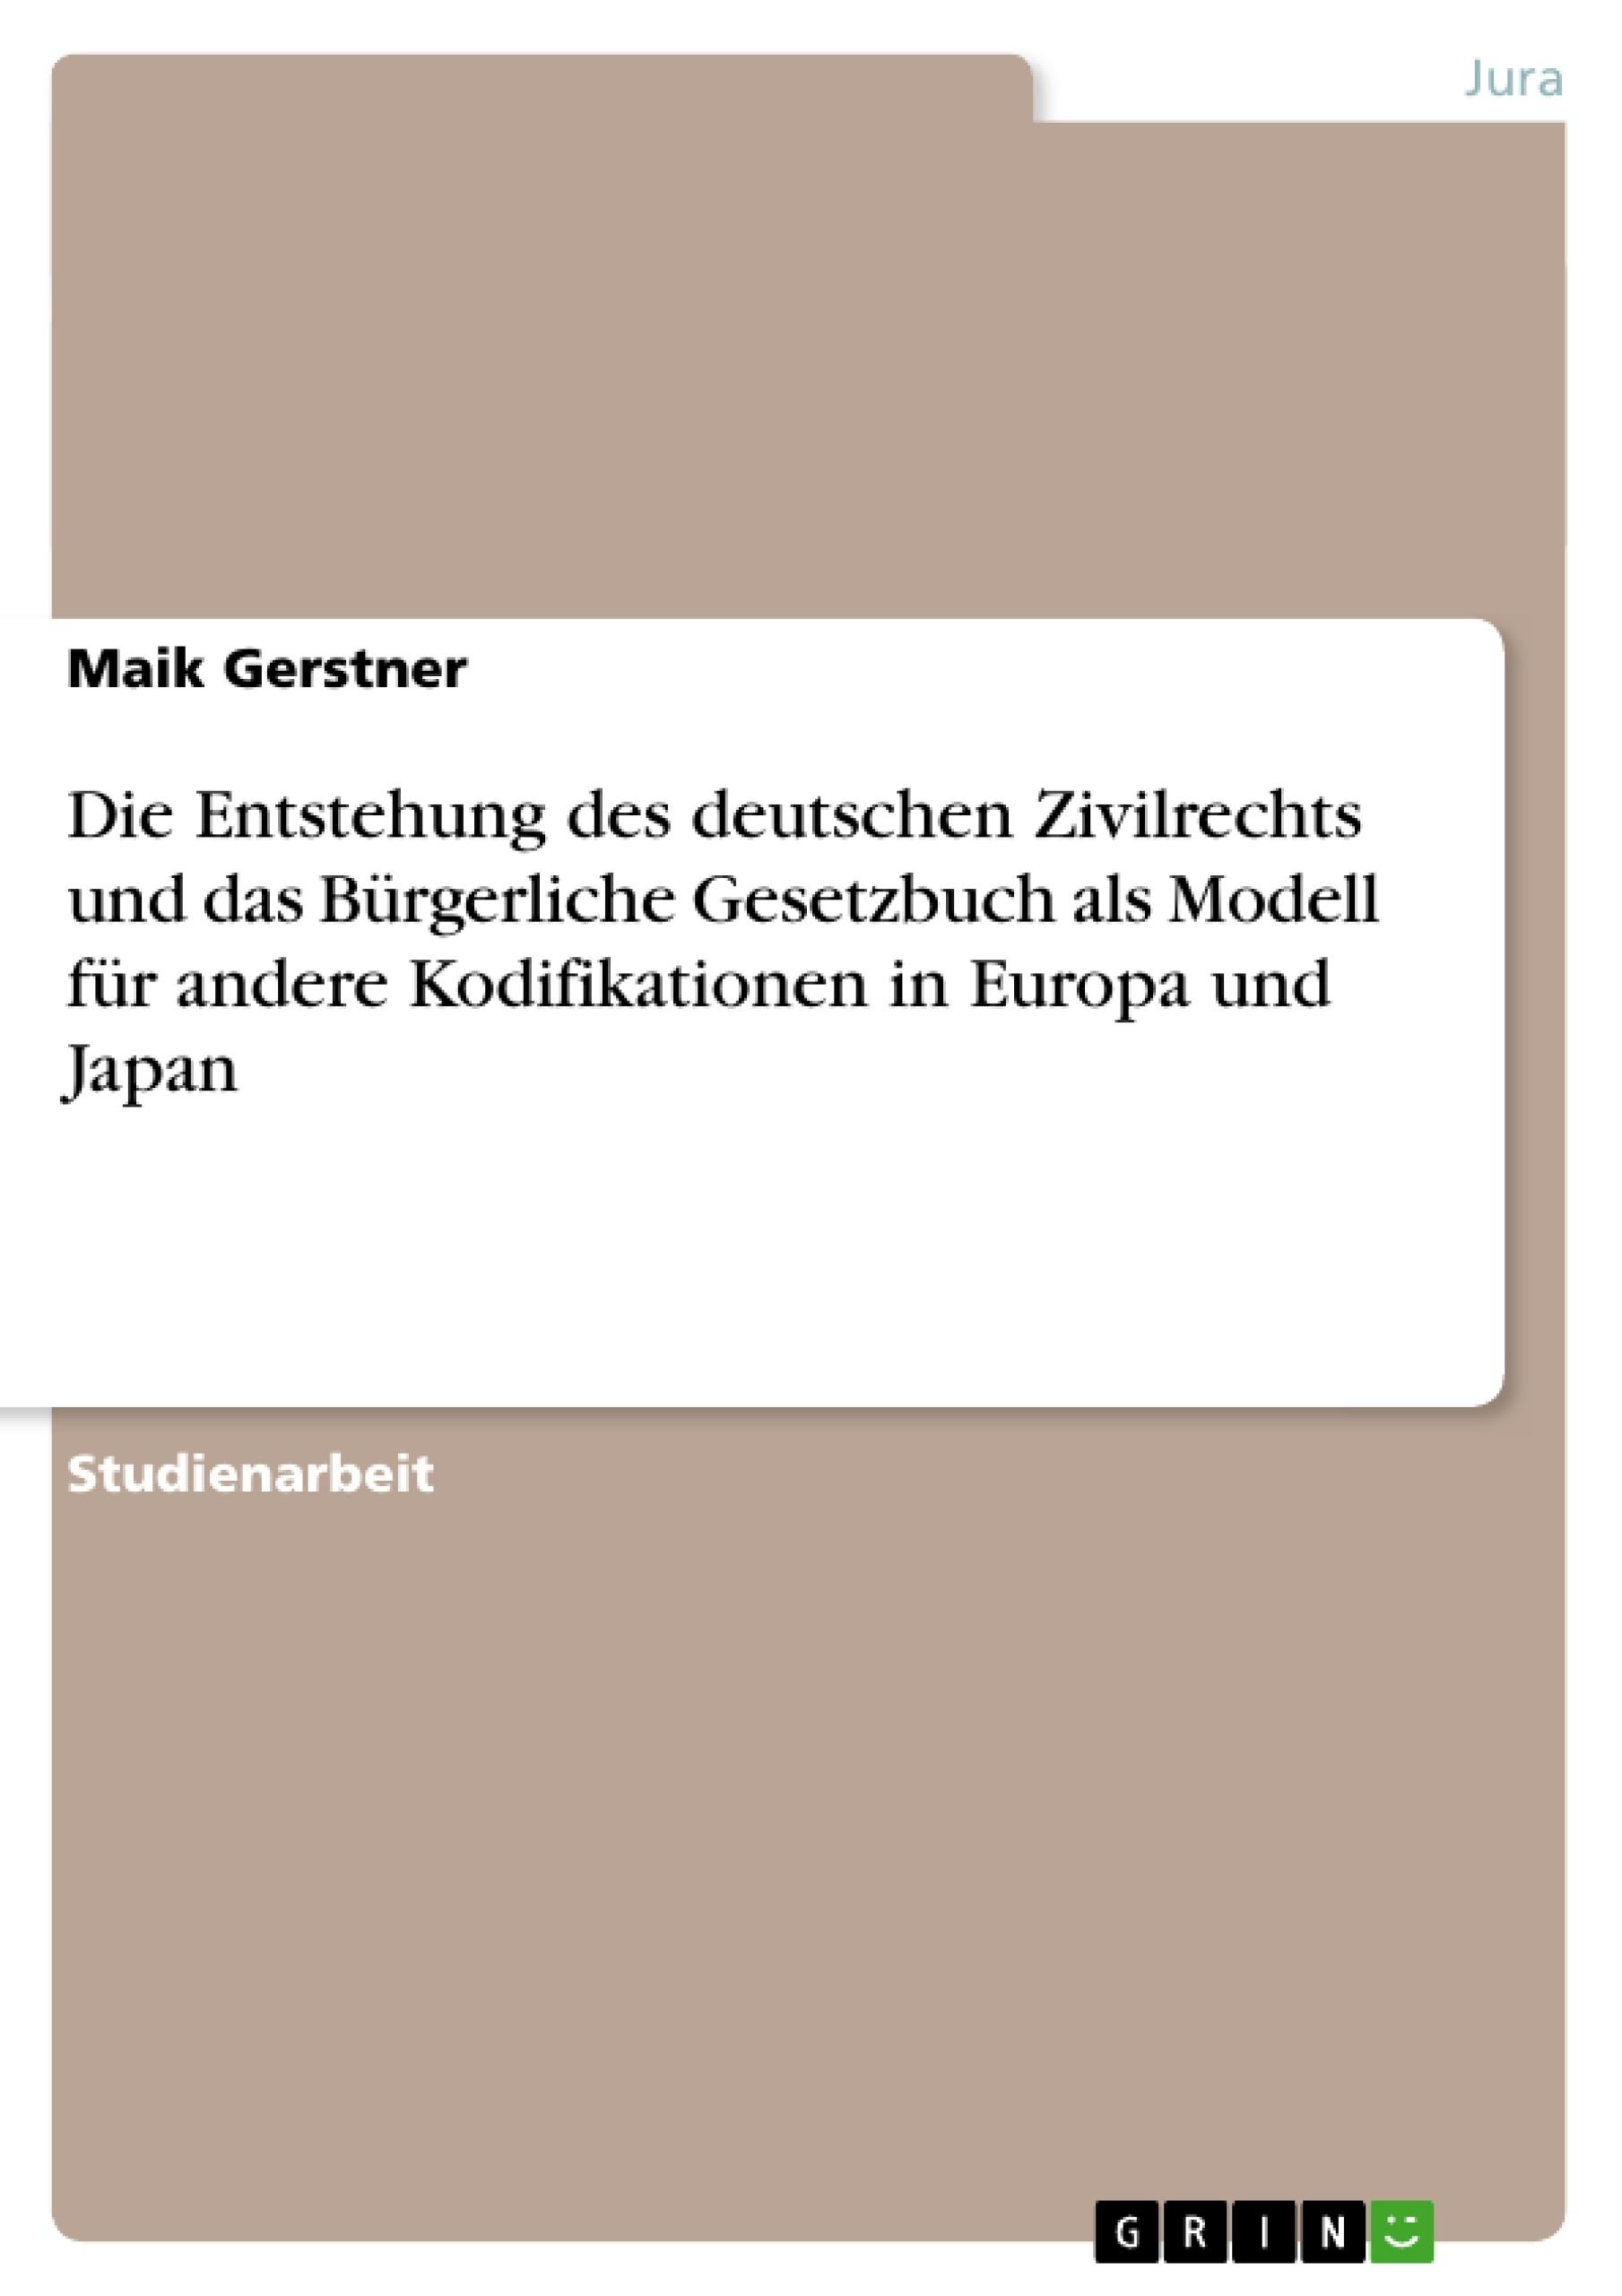 Titel: Die Entstehung des deutschen Zivilrechts und das Bürgerliche Gesetzbuch als Modell für andere Kodifikationen in Europa und Japan